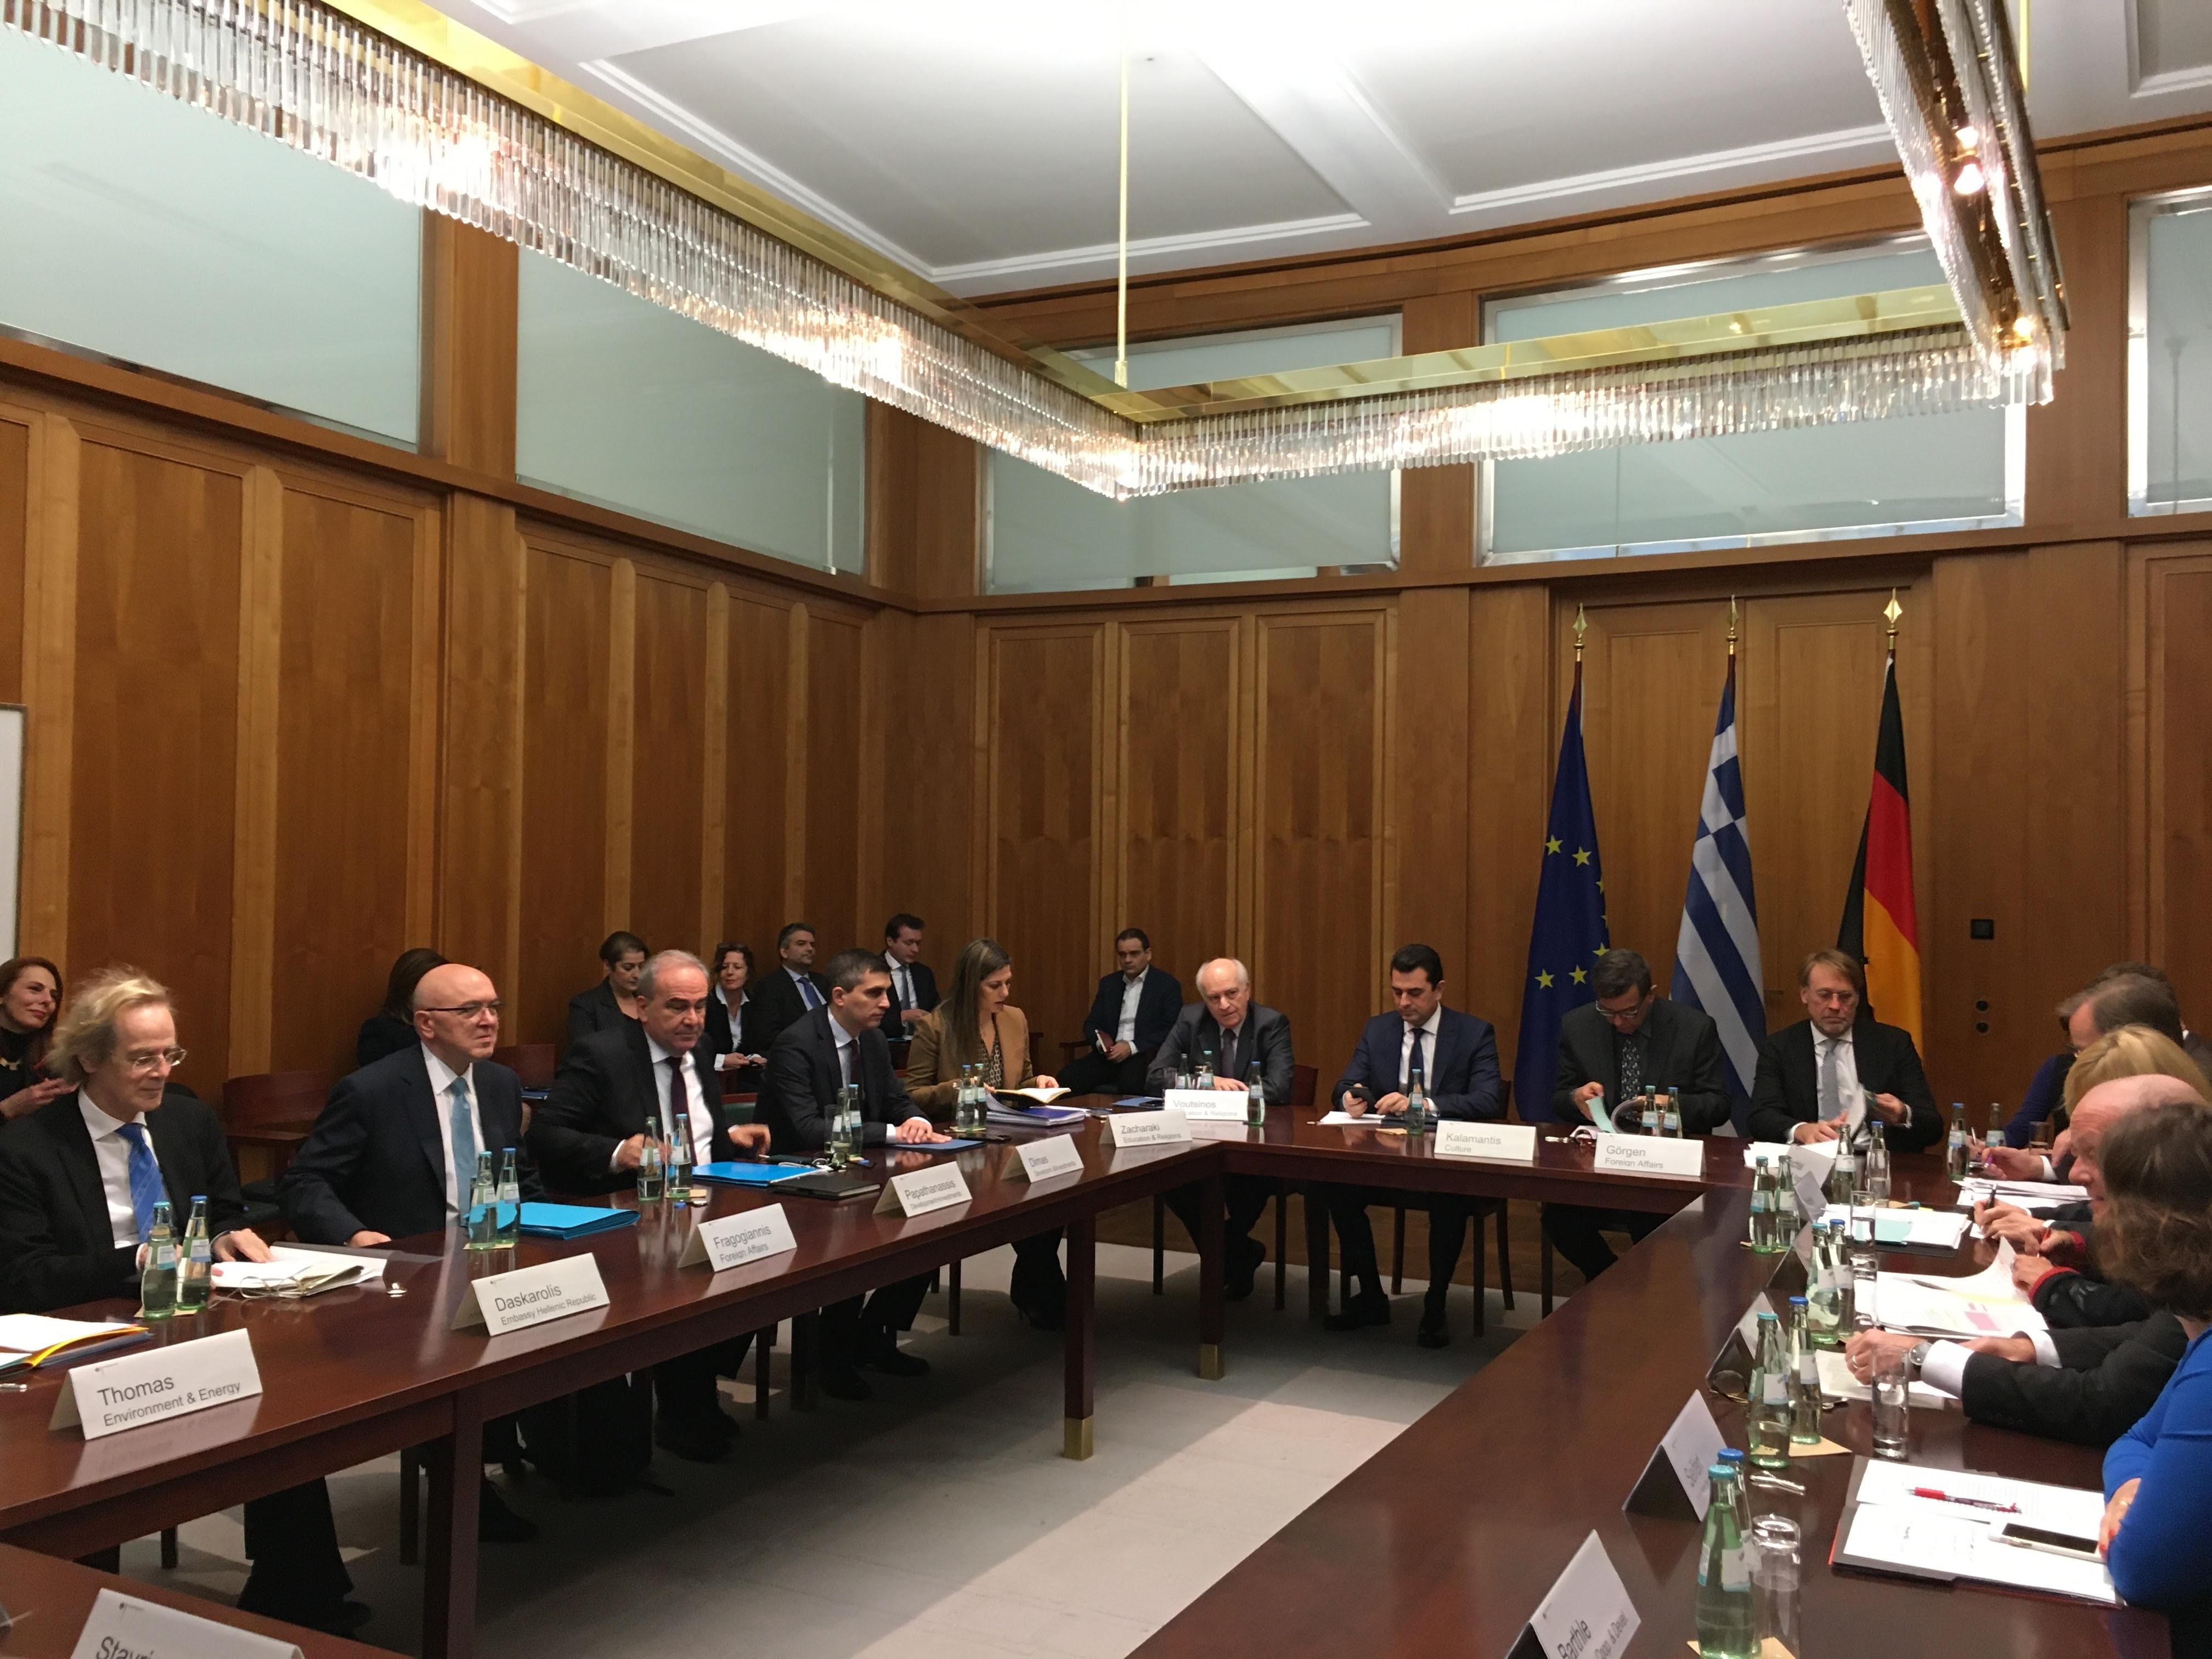 Αποτέλεσμα εικόνας για Του Υφυπουργού Χρίστου Δήμα :  H Ελλάδα χρειάζεται τη στήριξη της Ευρώπης  και της Γερμανίας απέναντι  στην τουρκική προκλητικότητα…